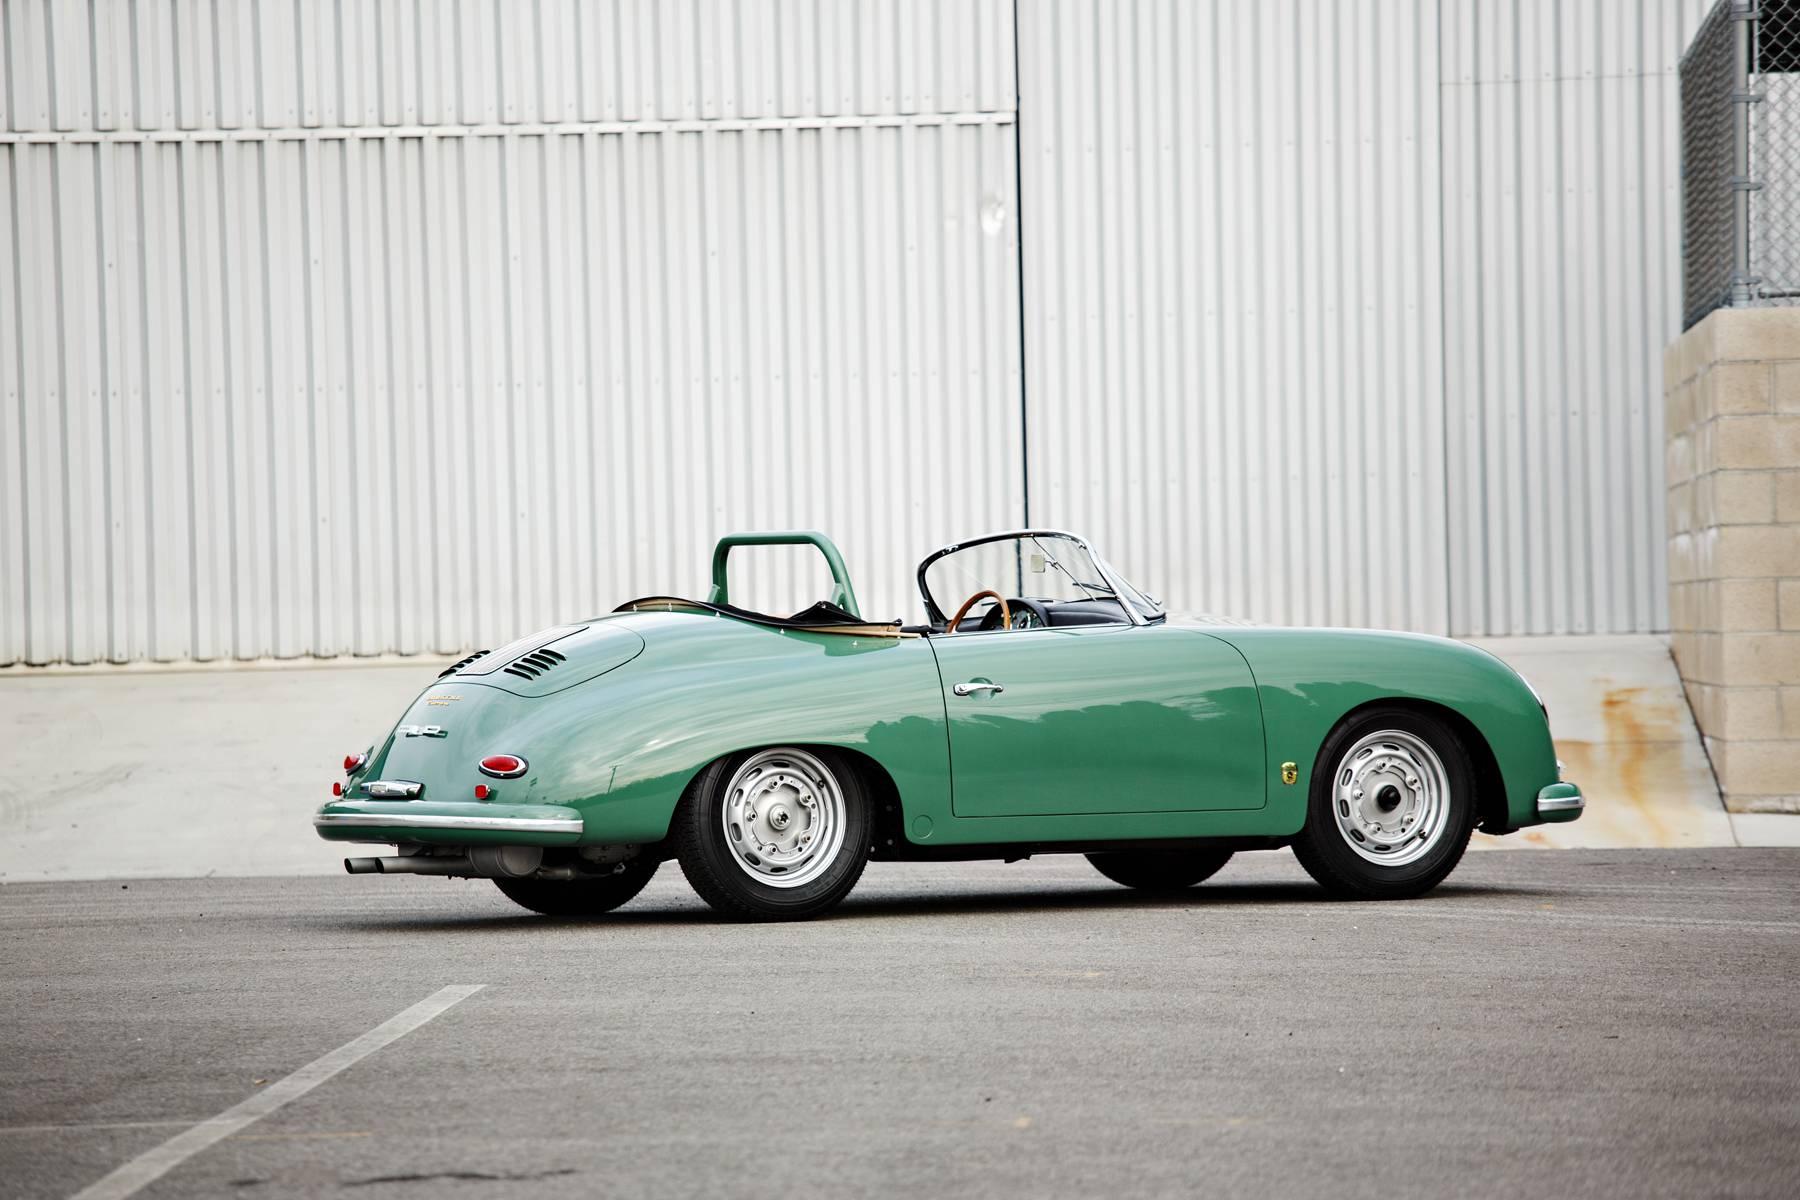 1958 Porsche 356 A 1500 GS/GT Carrera Speedster rear 3/4